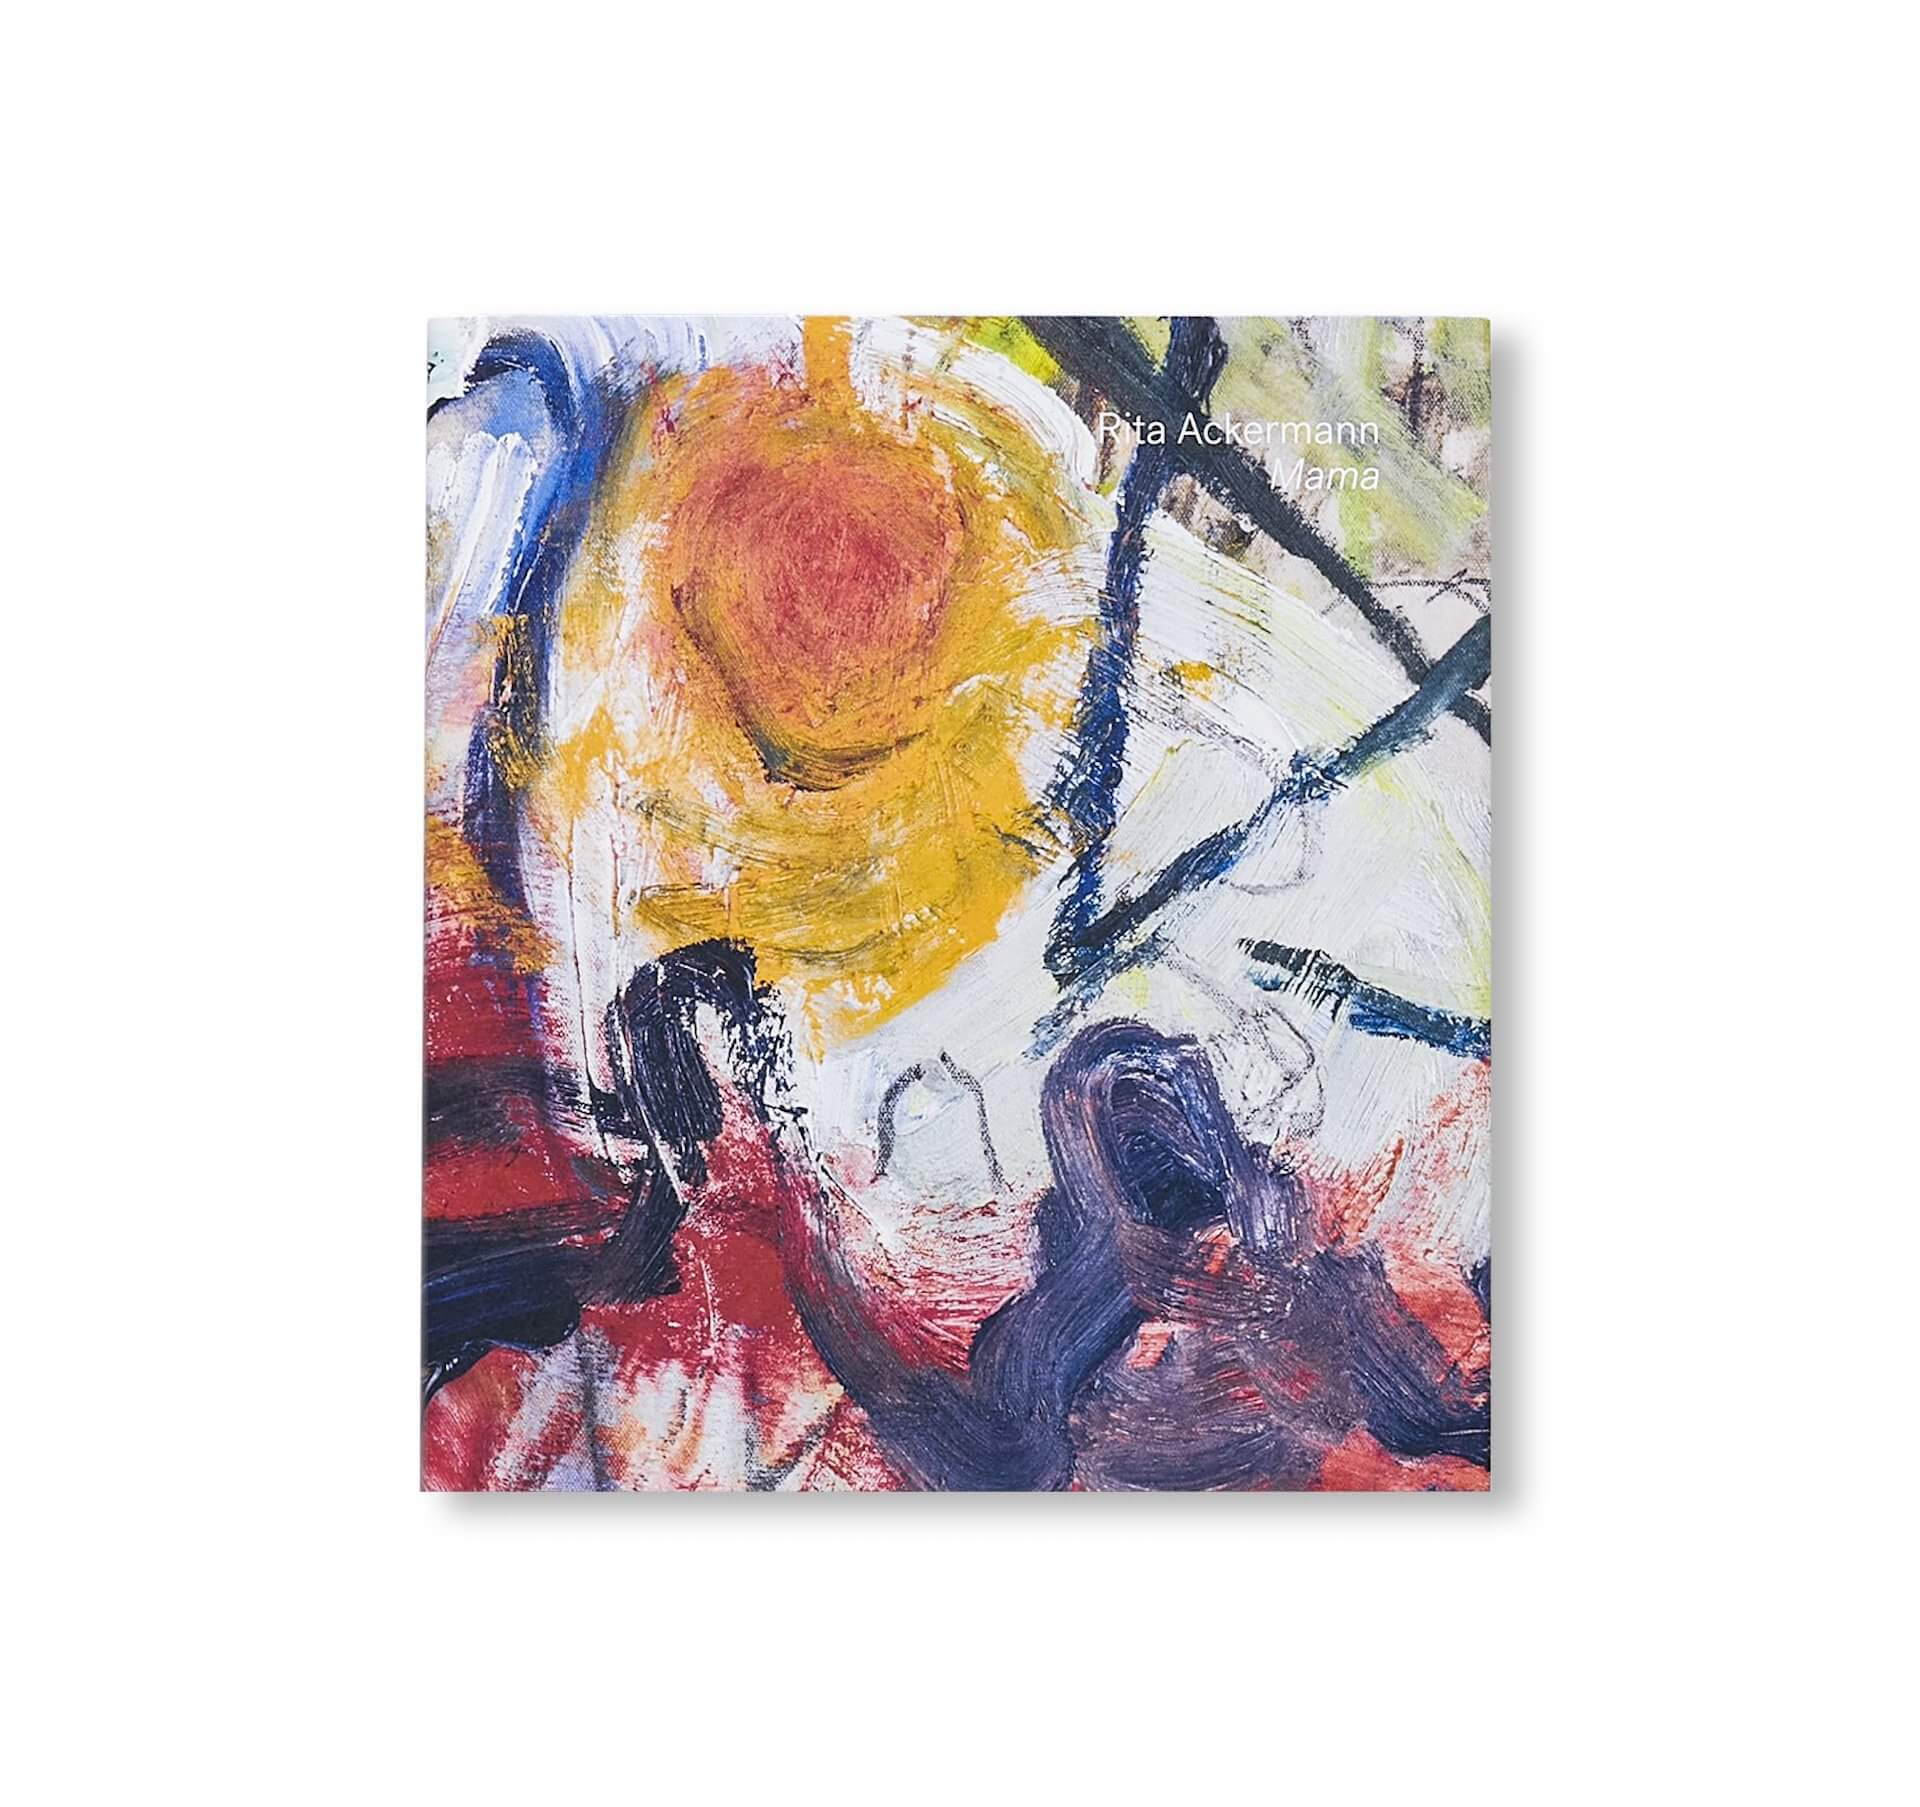 アートブックノススメ|Qetic編集部が選ぶ4冊/横浪修 他 column210730_artbook-014